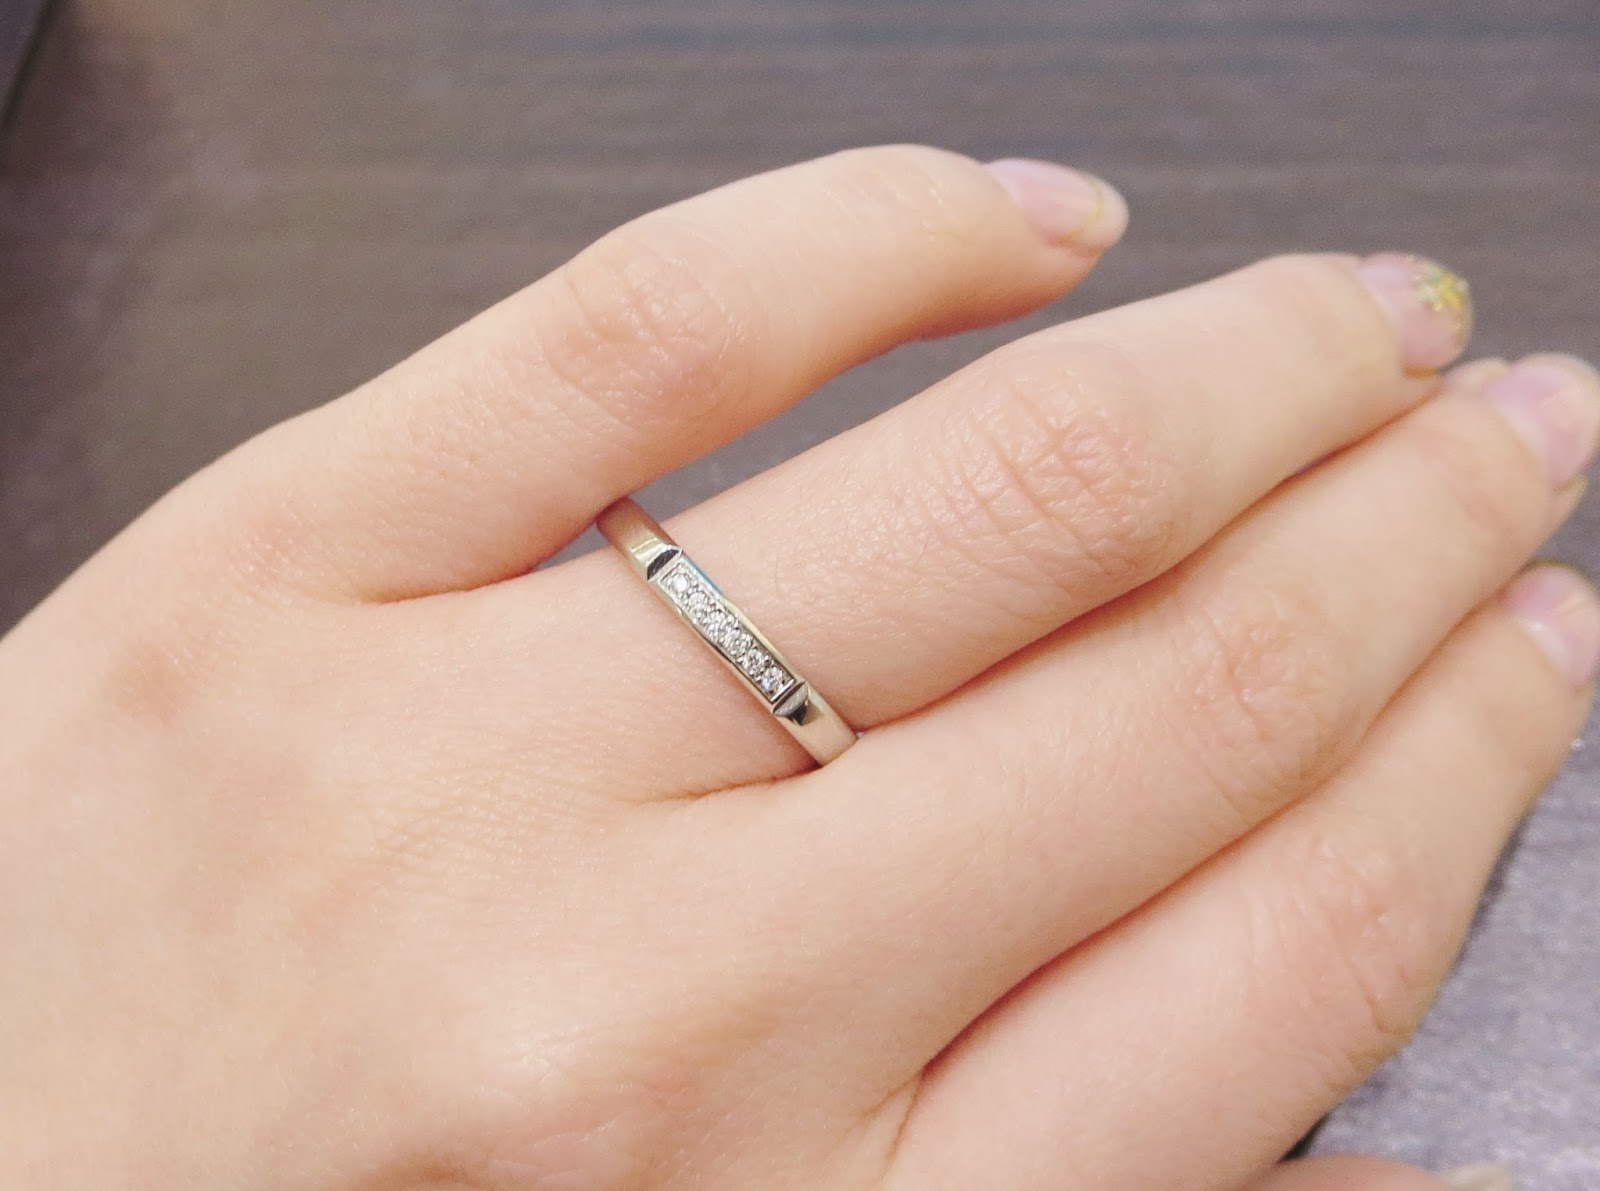 鍛造 フラージャコー チョコレート プラチナ ゴールド 指輪 結婚指輪